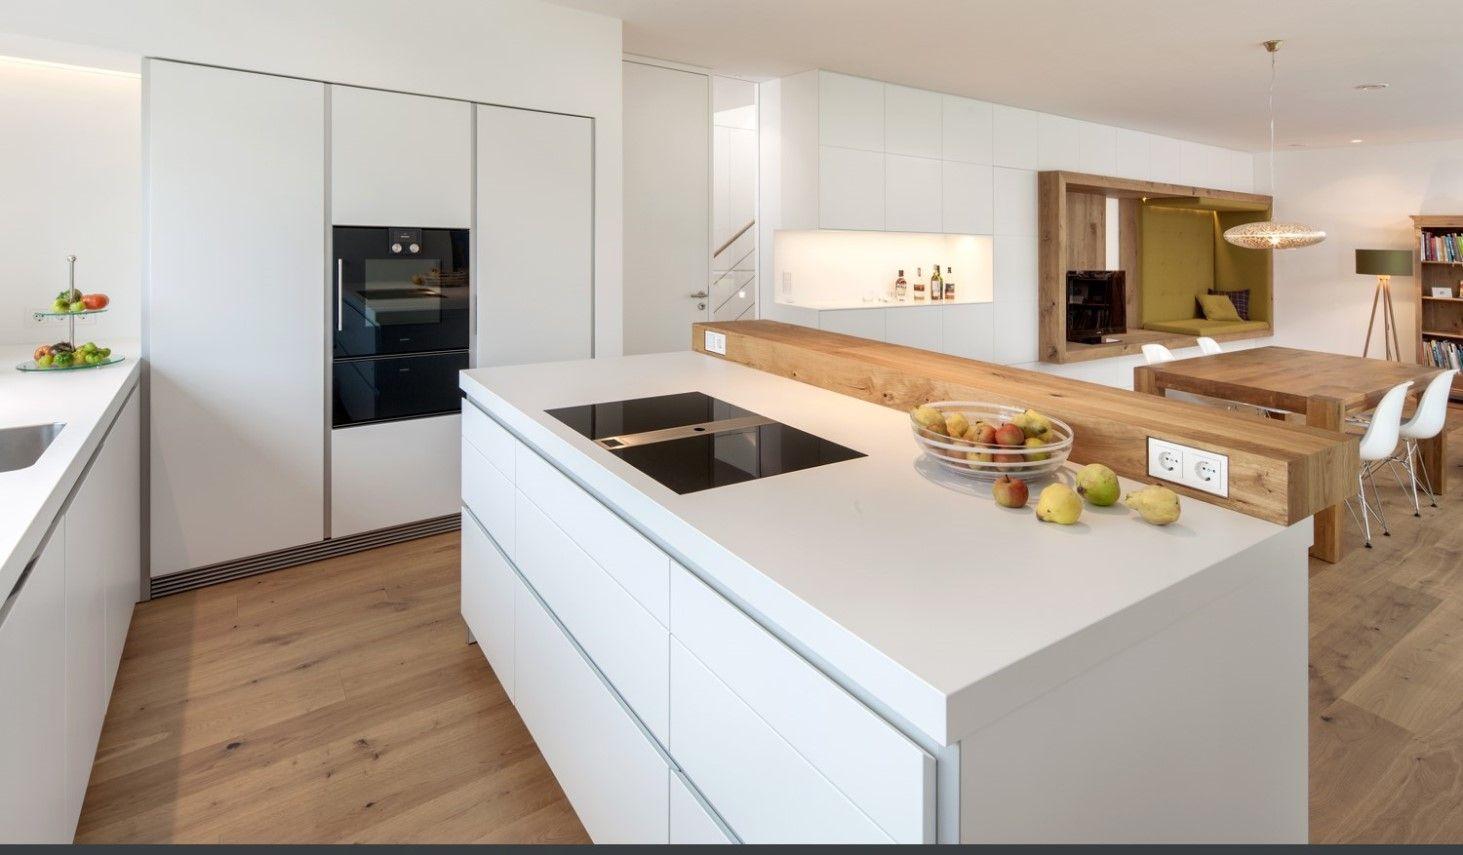 Home küche innenarchitektur bilder berschneider  berschneider architekten bda  innenarchitekten